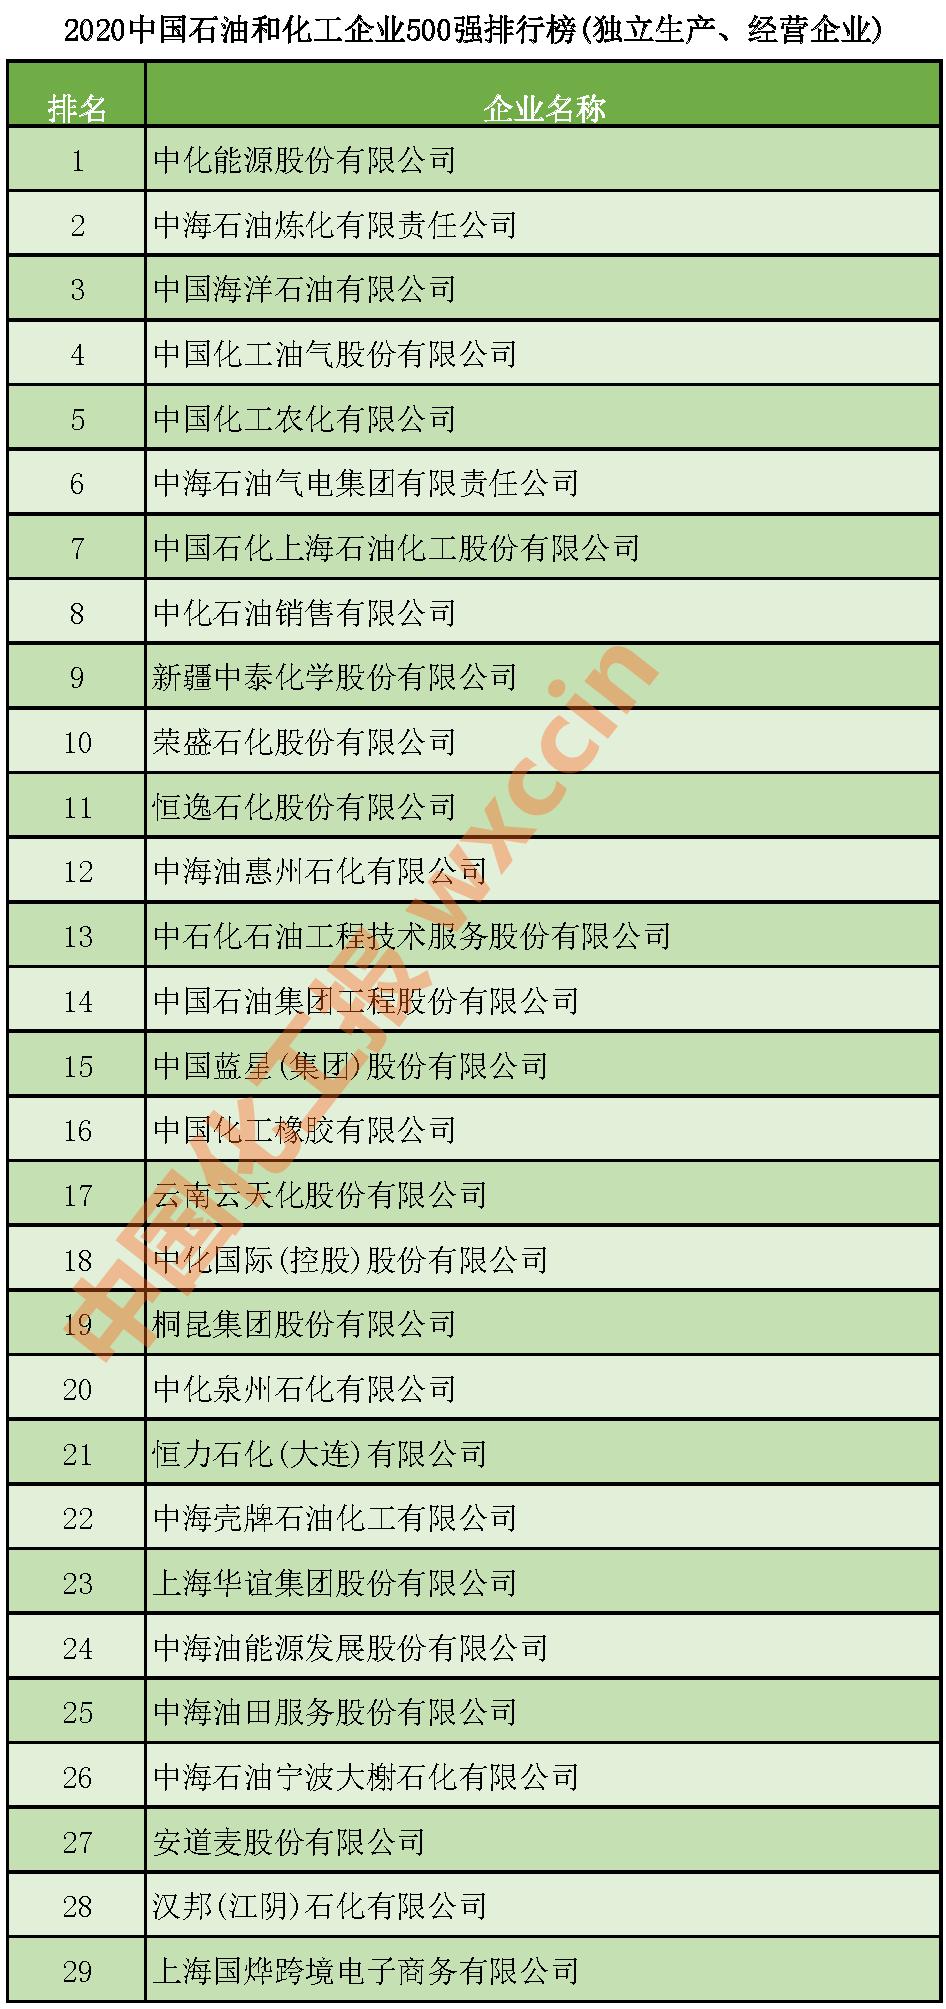 2020中国石油和化工500强(独立生产、经营企业)公布 | 全名单